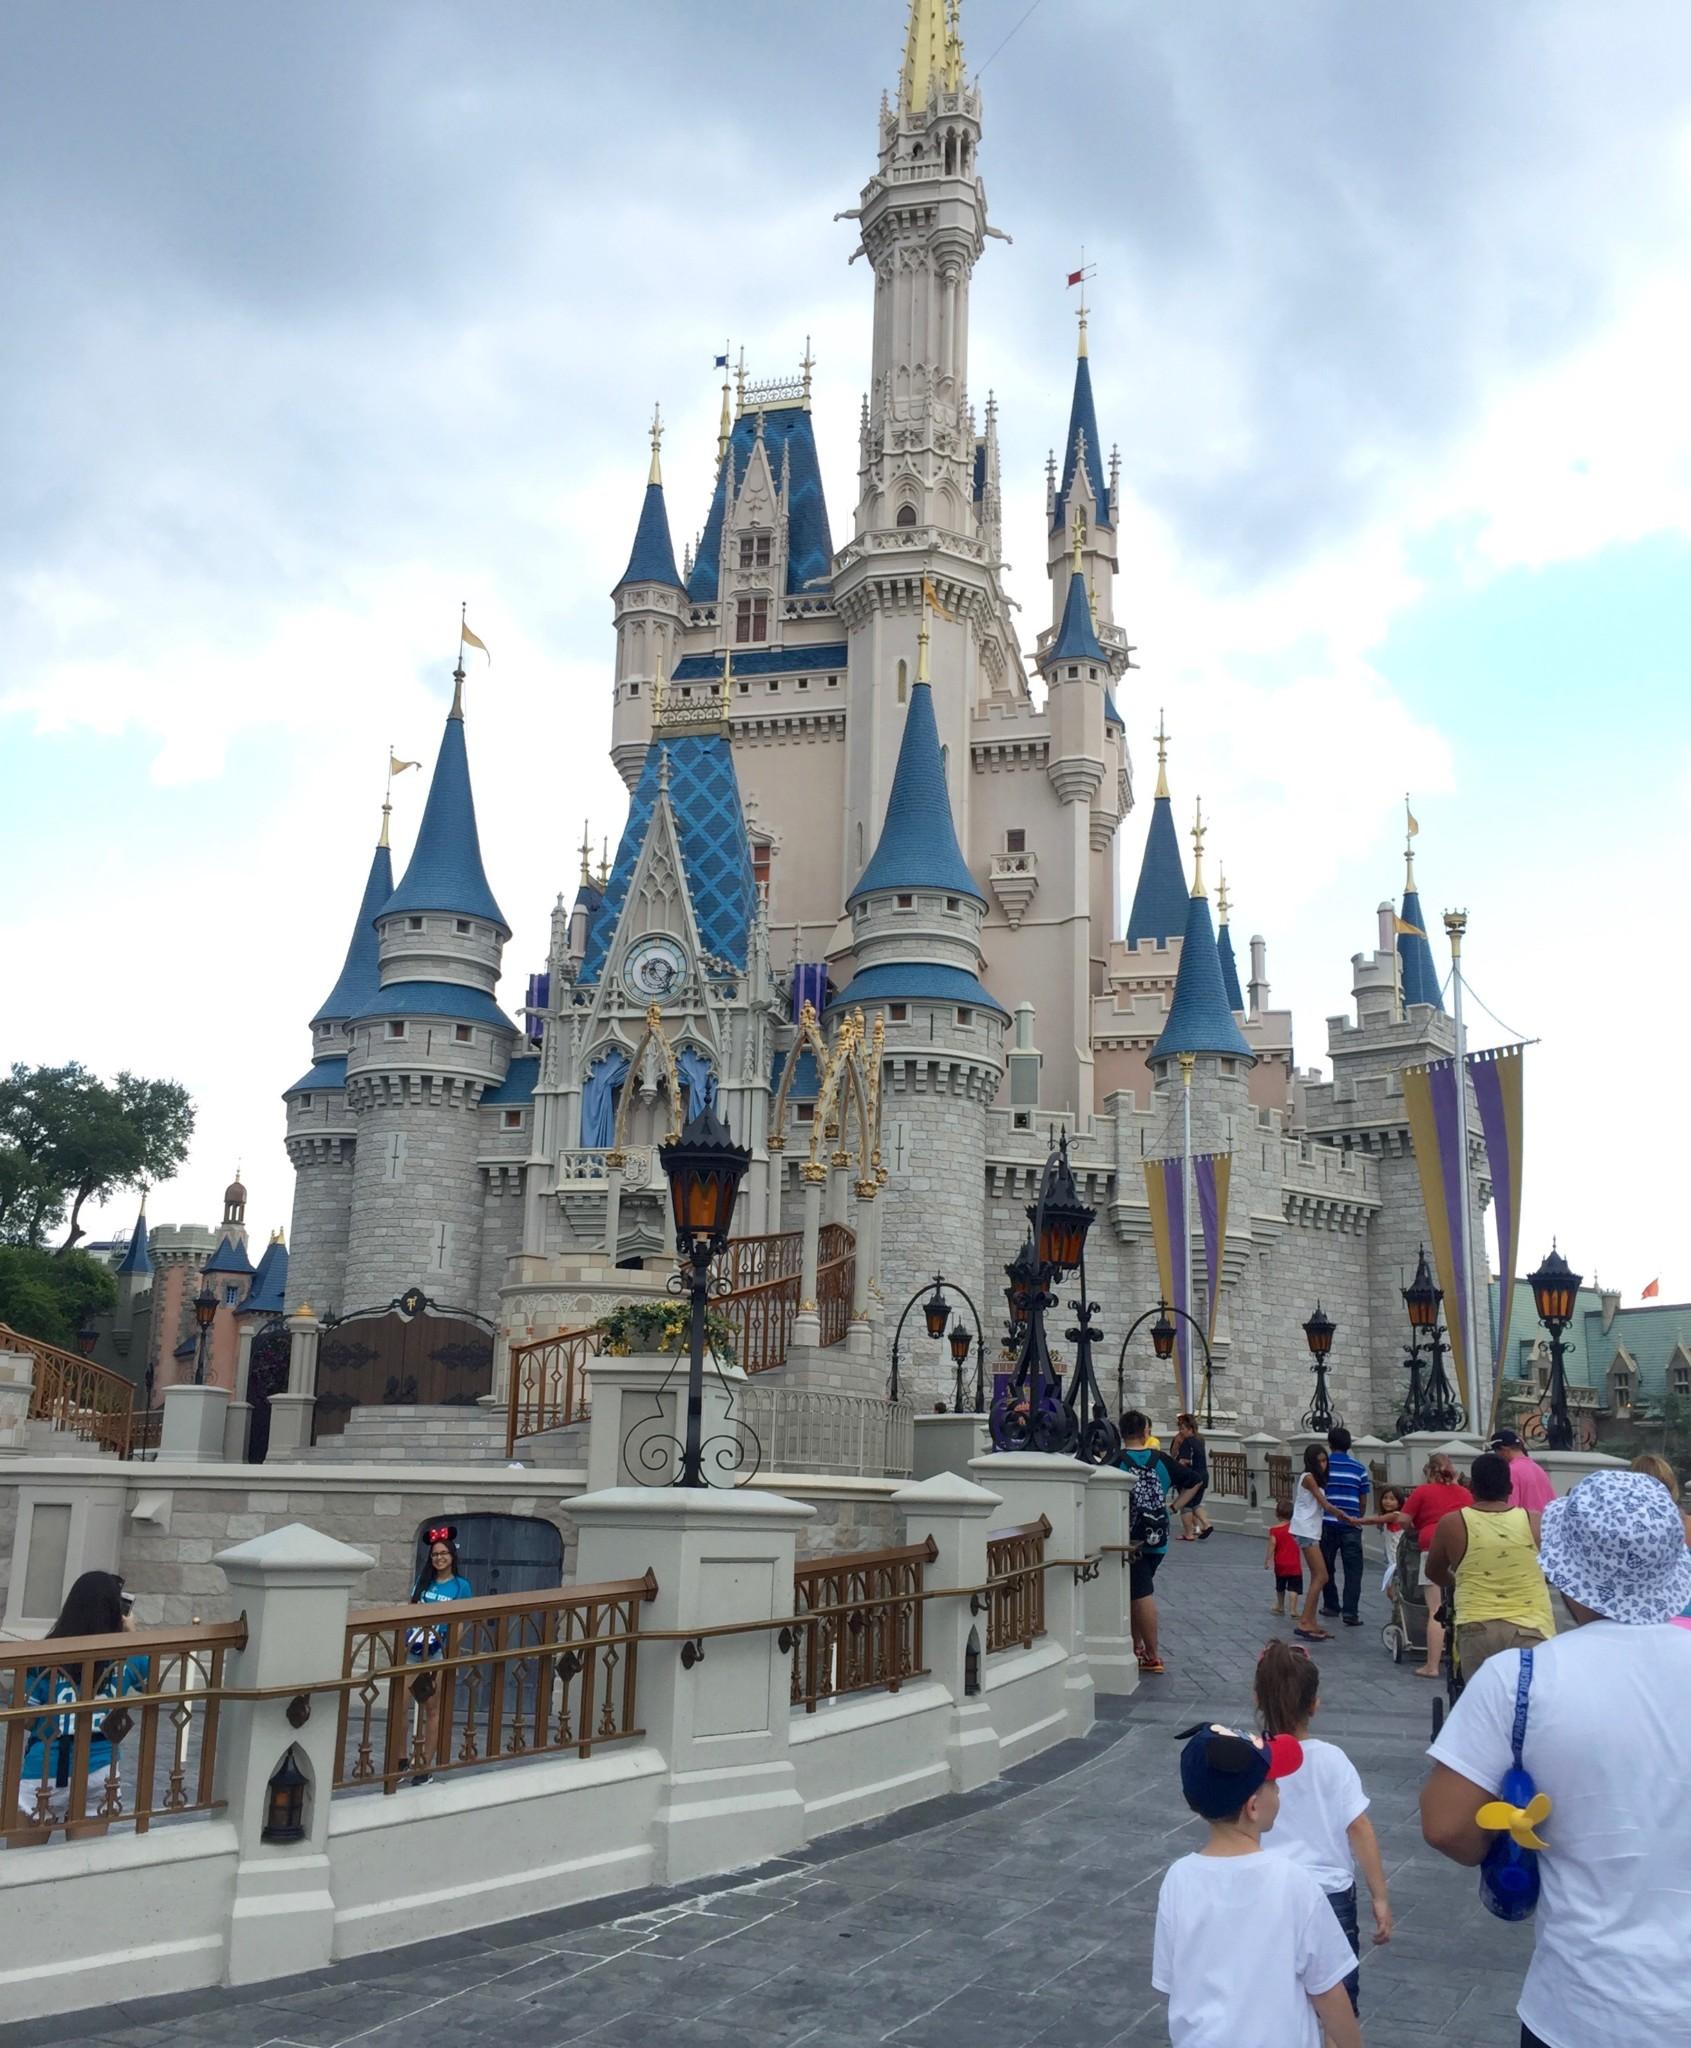 Cinderella's Castle at the Magic Kingdom